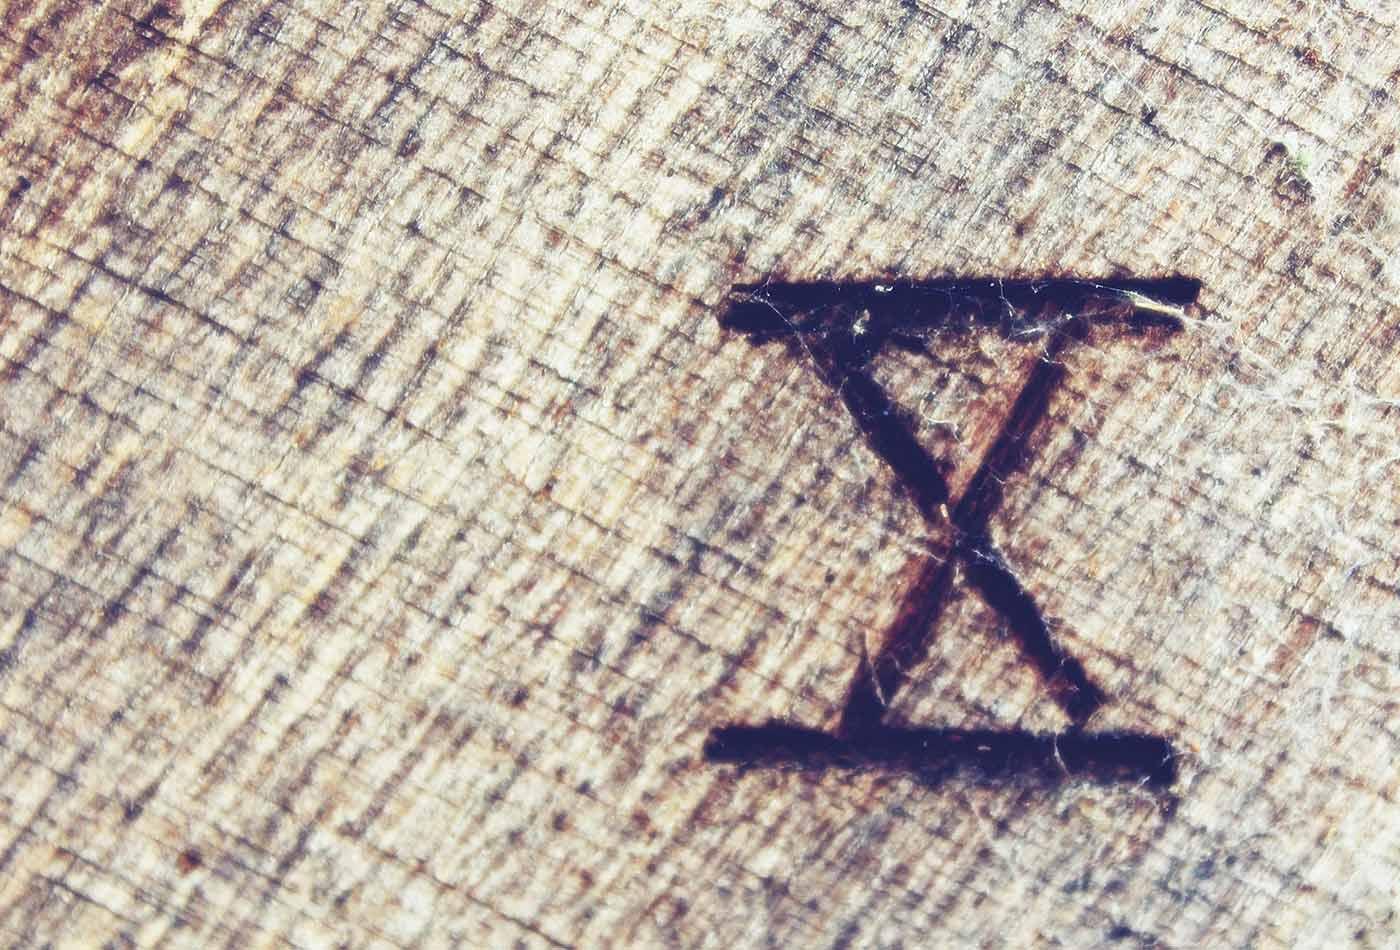 Roman numeral 10.